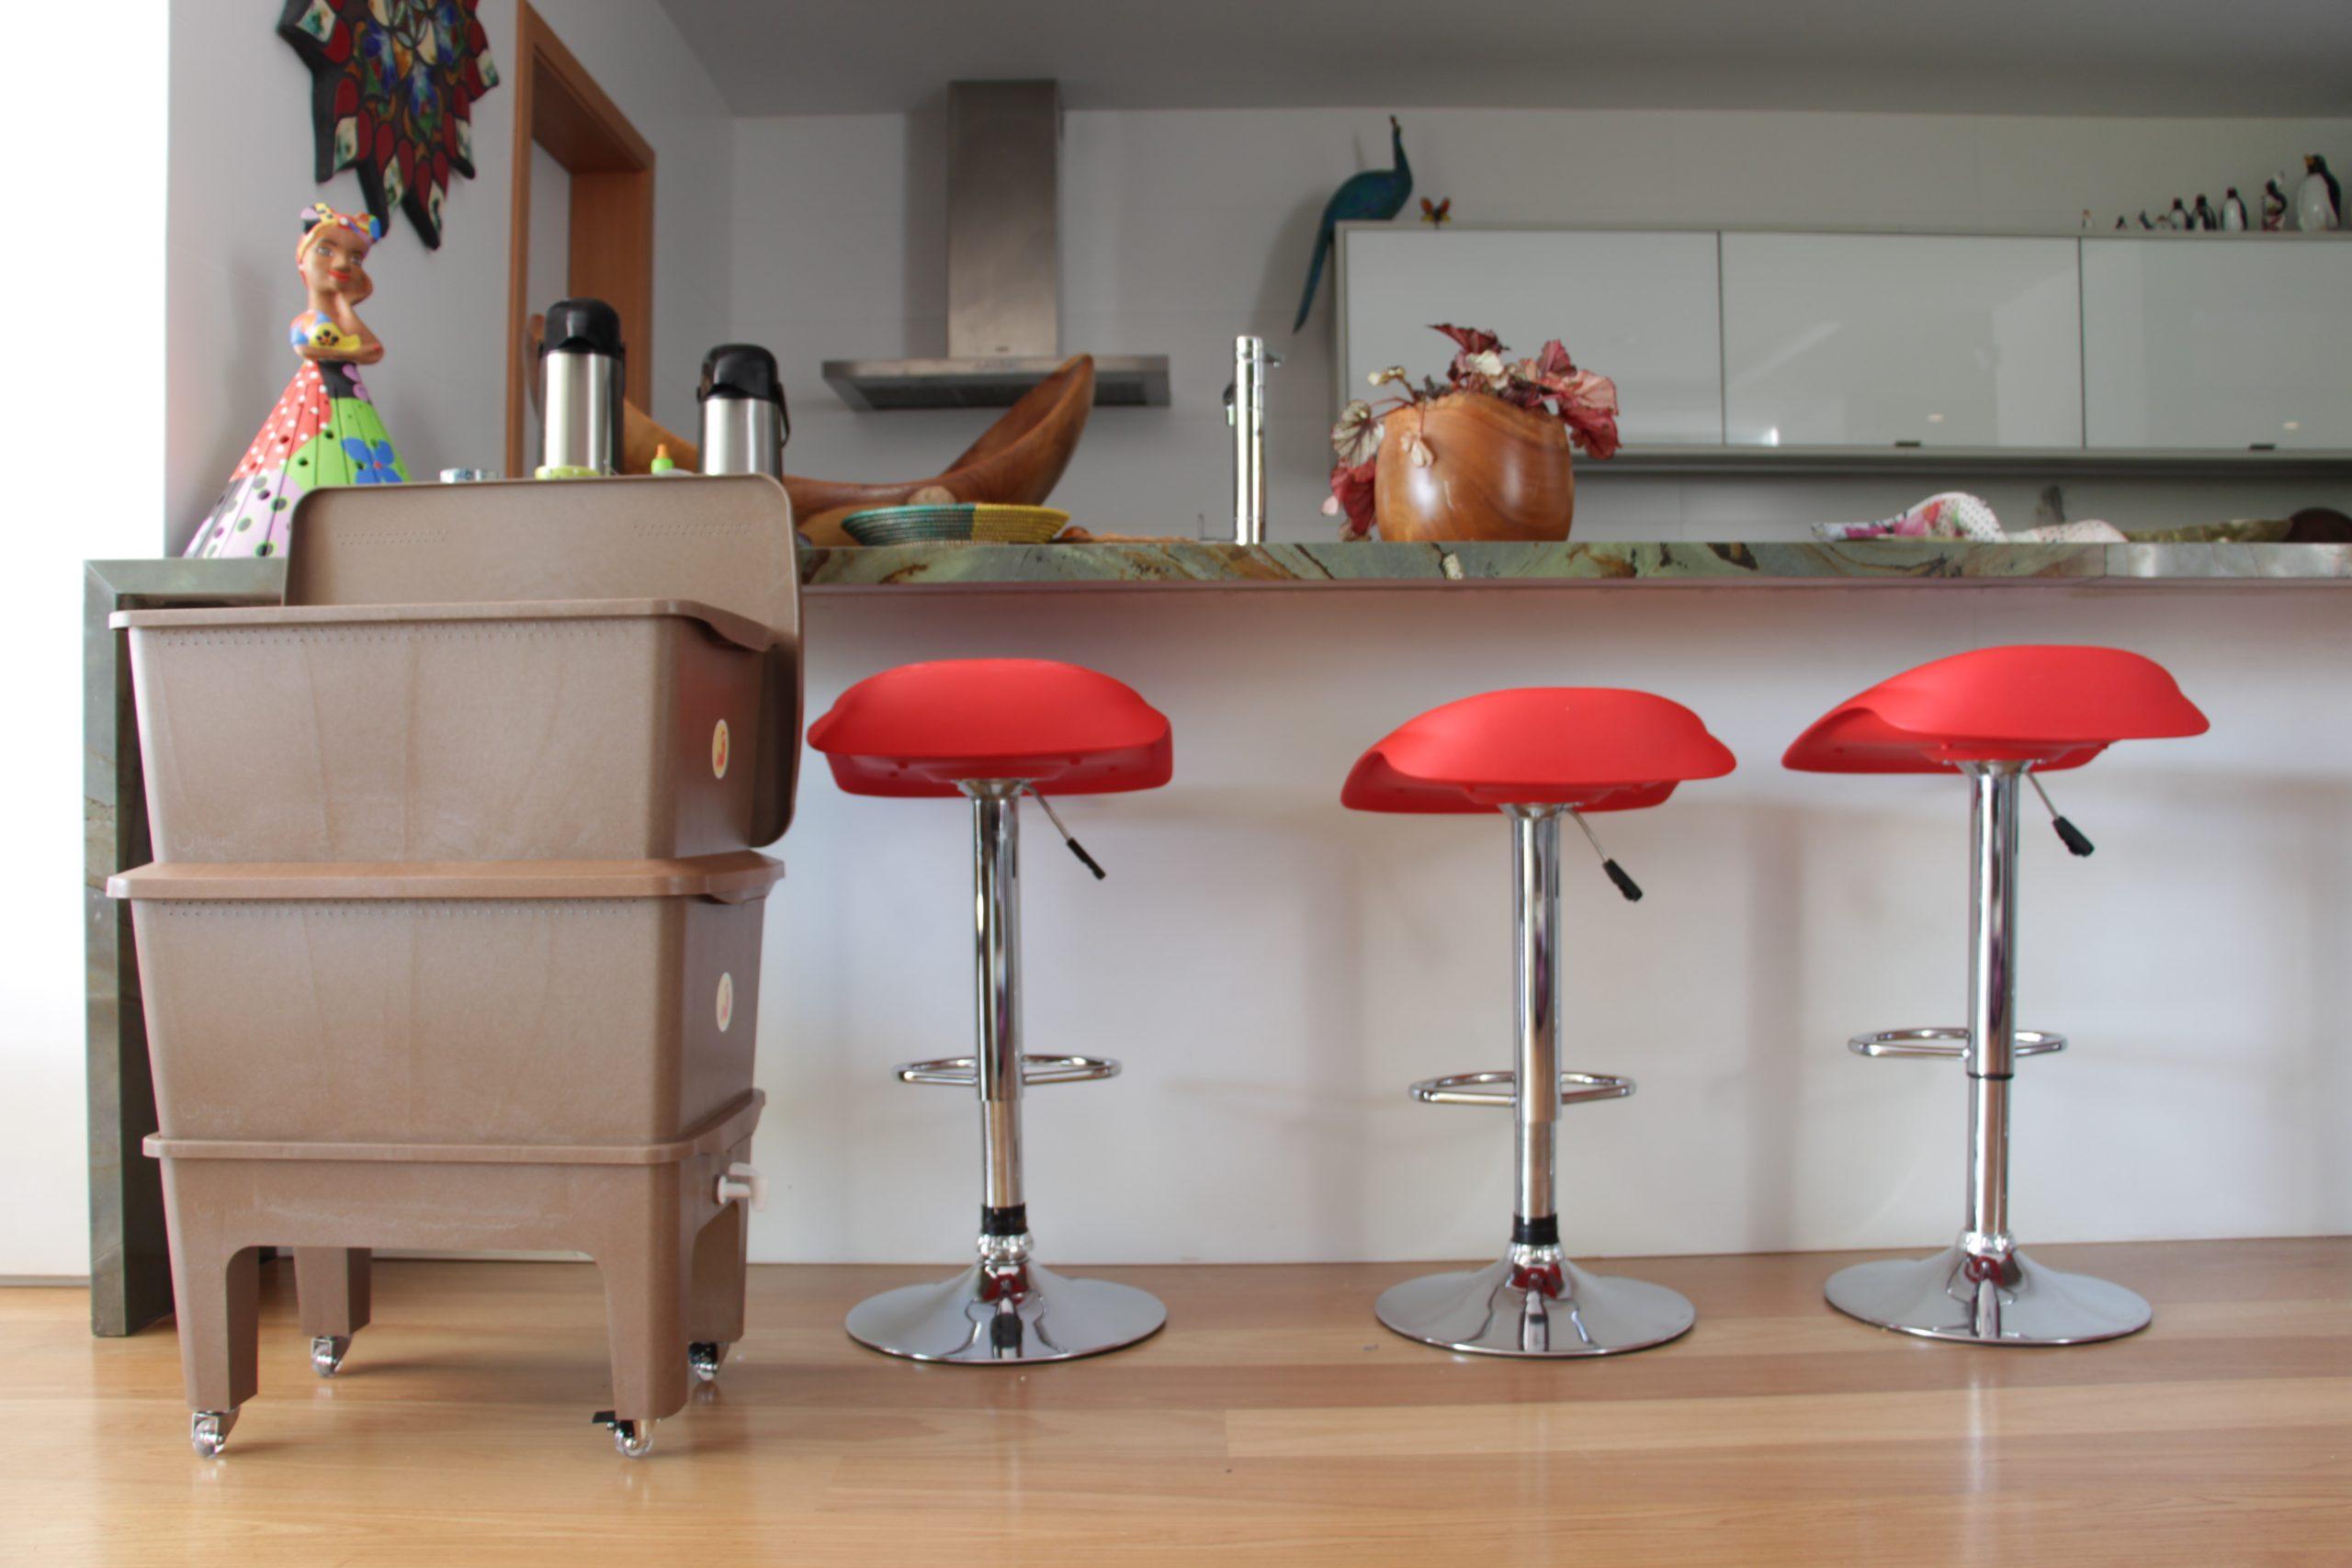 Composteira Humi Marrom no balcão de cozinha